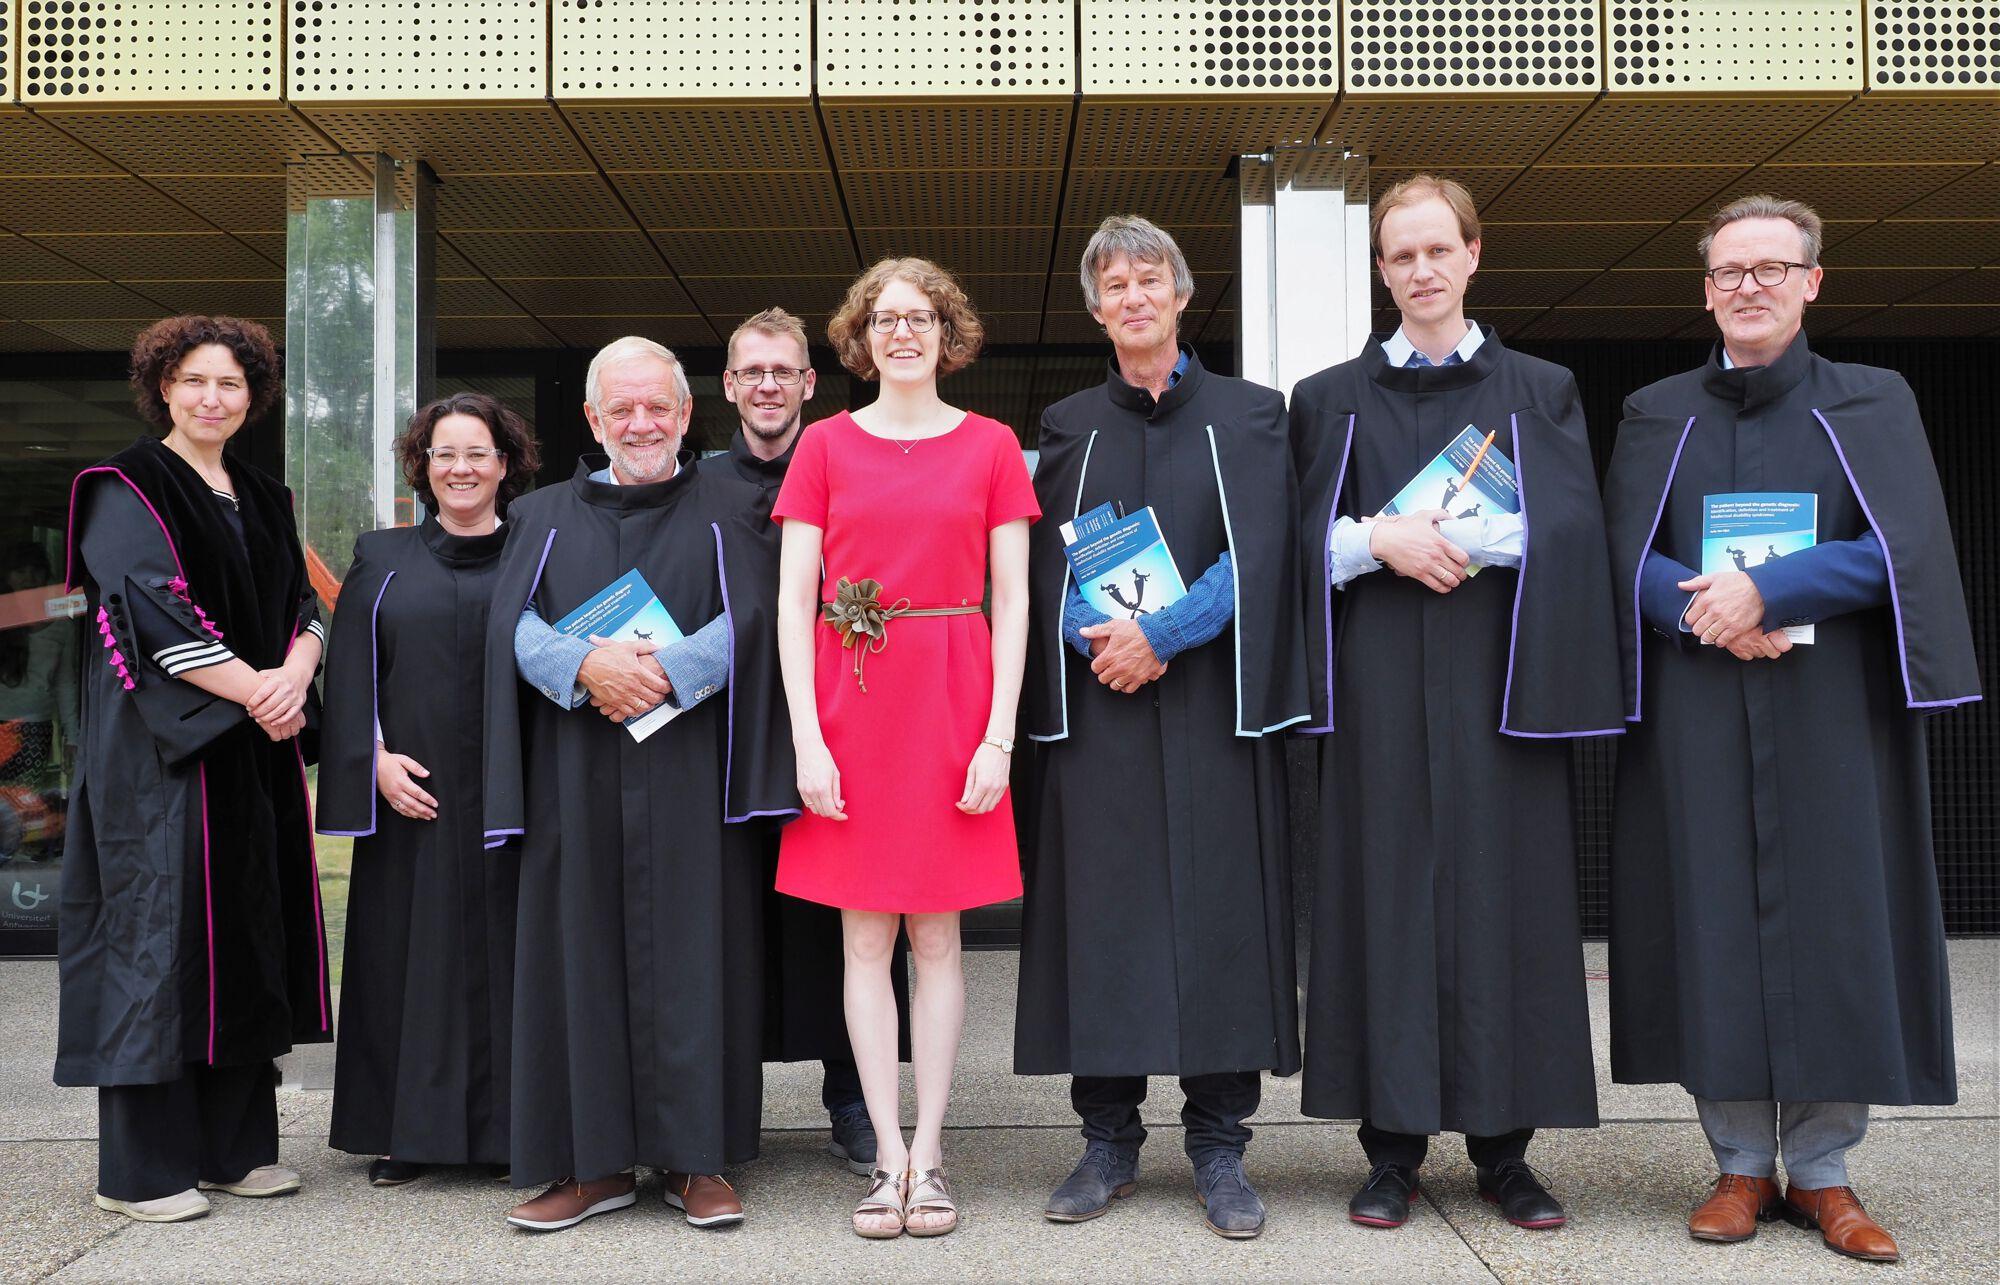 Doctoraatsverdediging Anke Van Dijck - 9 juli 2019